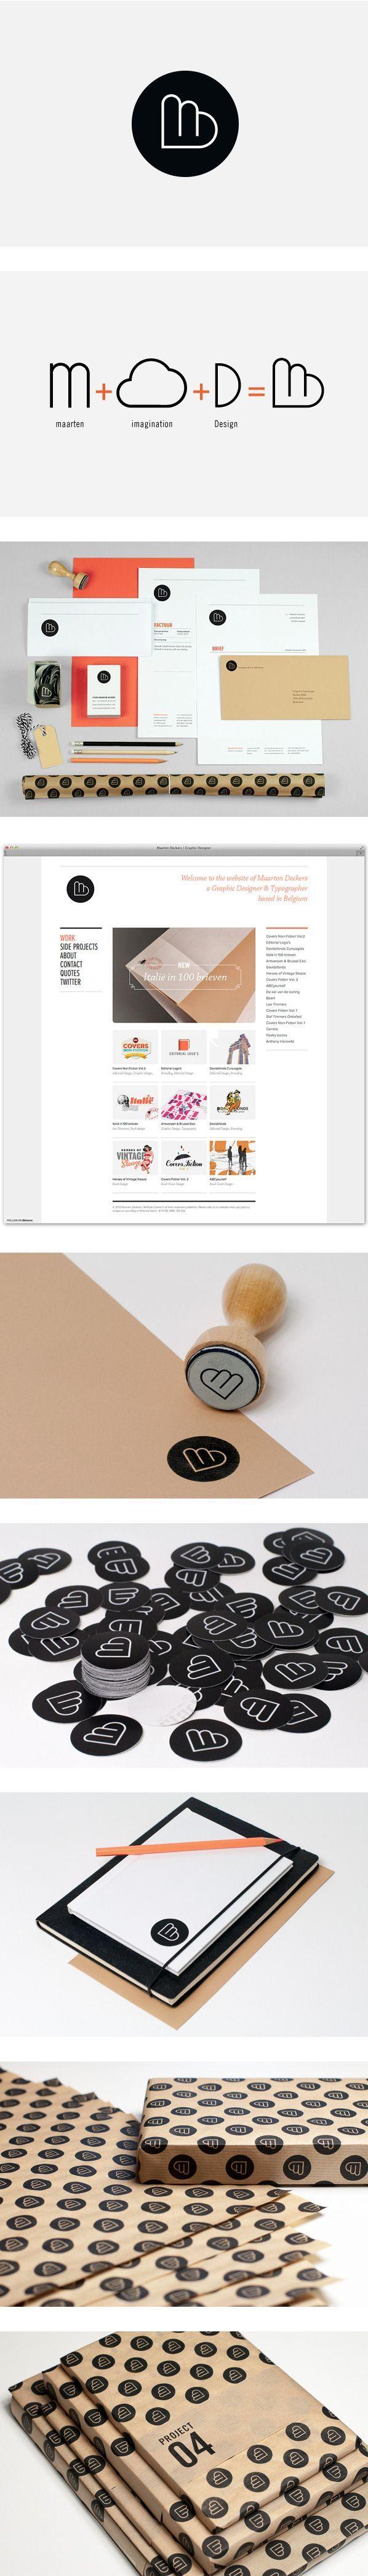 Branding Maarten Deckers by Maarten Deckers